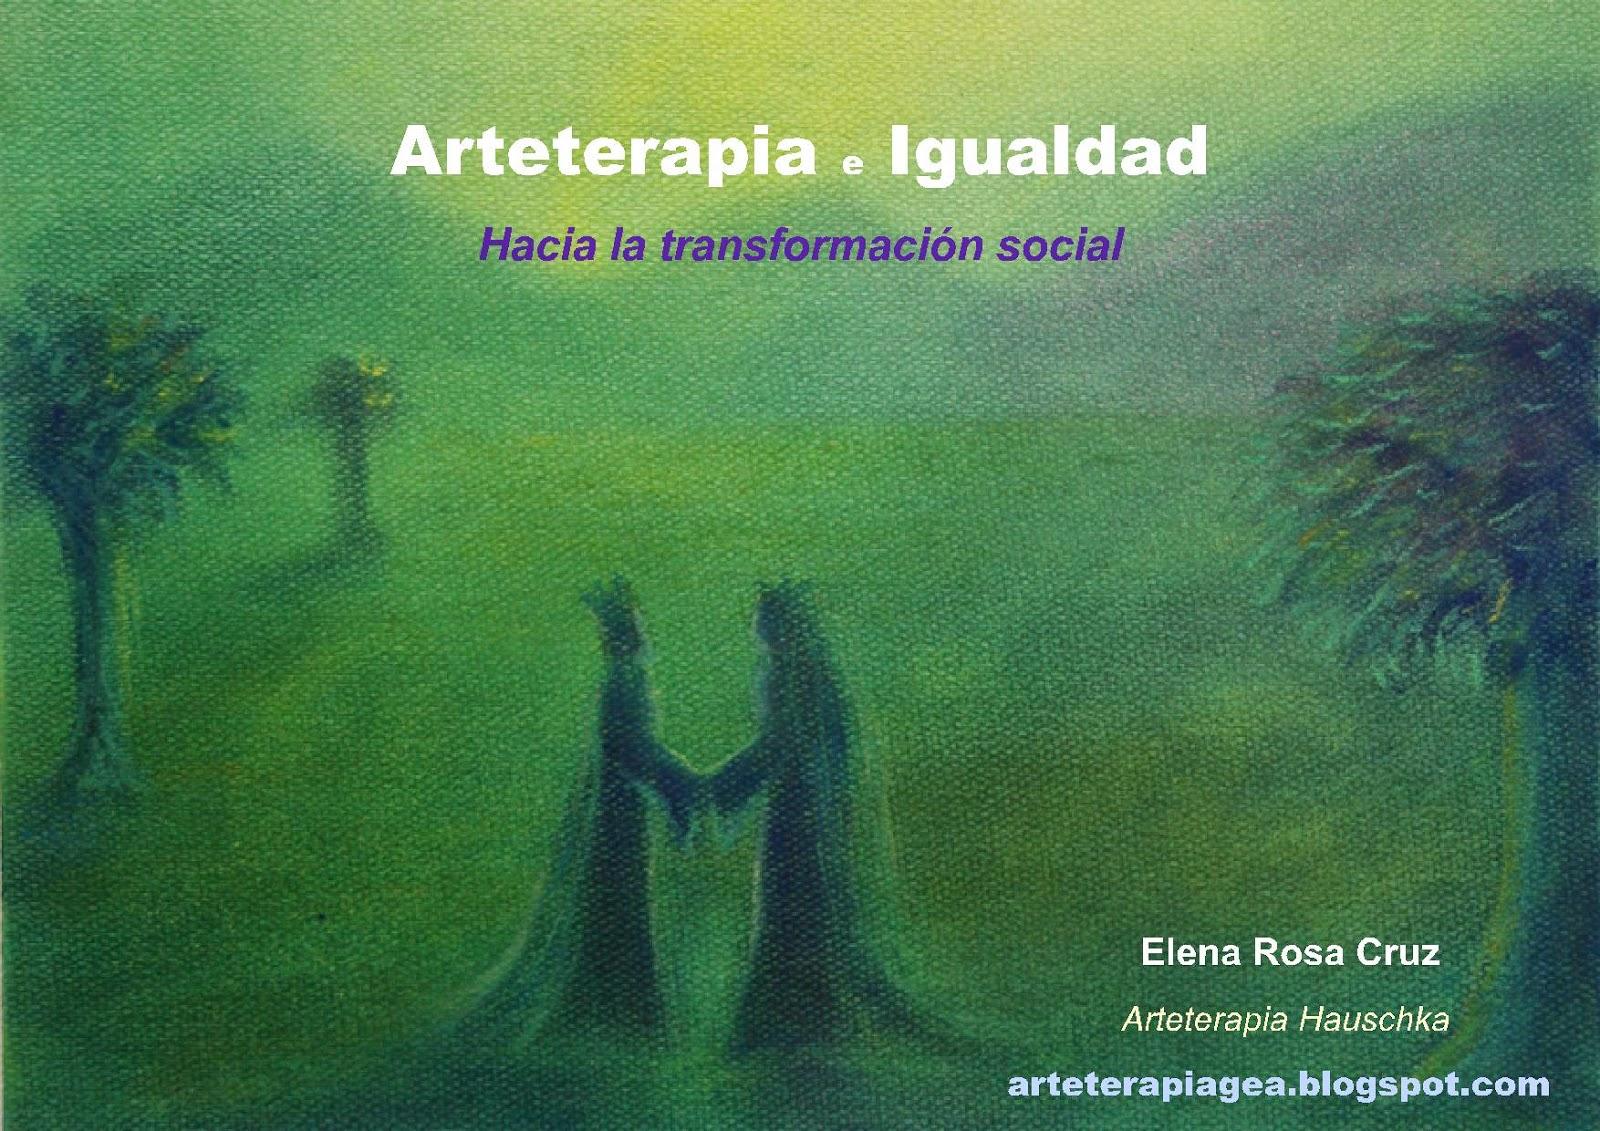 arteterapia hauschka, elena rosa cruz, antroposofía, pintura, congreso, arte, taller, arteterapia, arteterapia gea